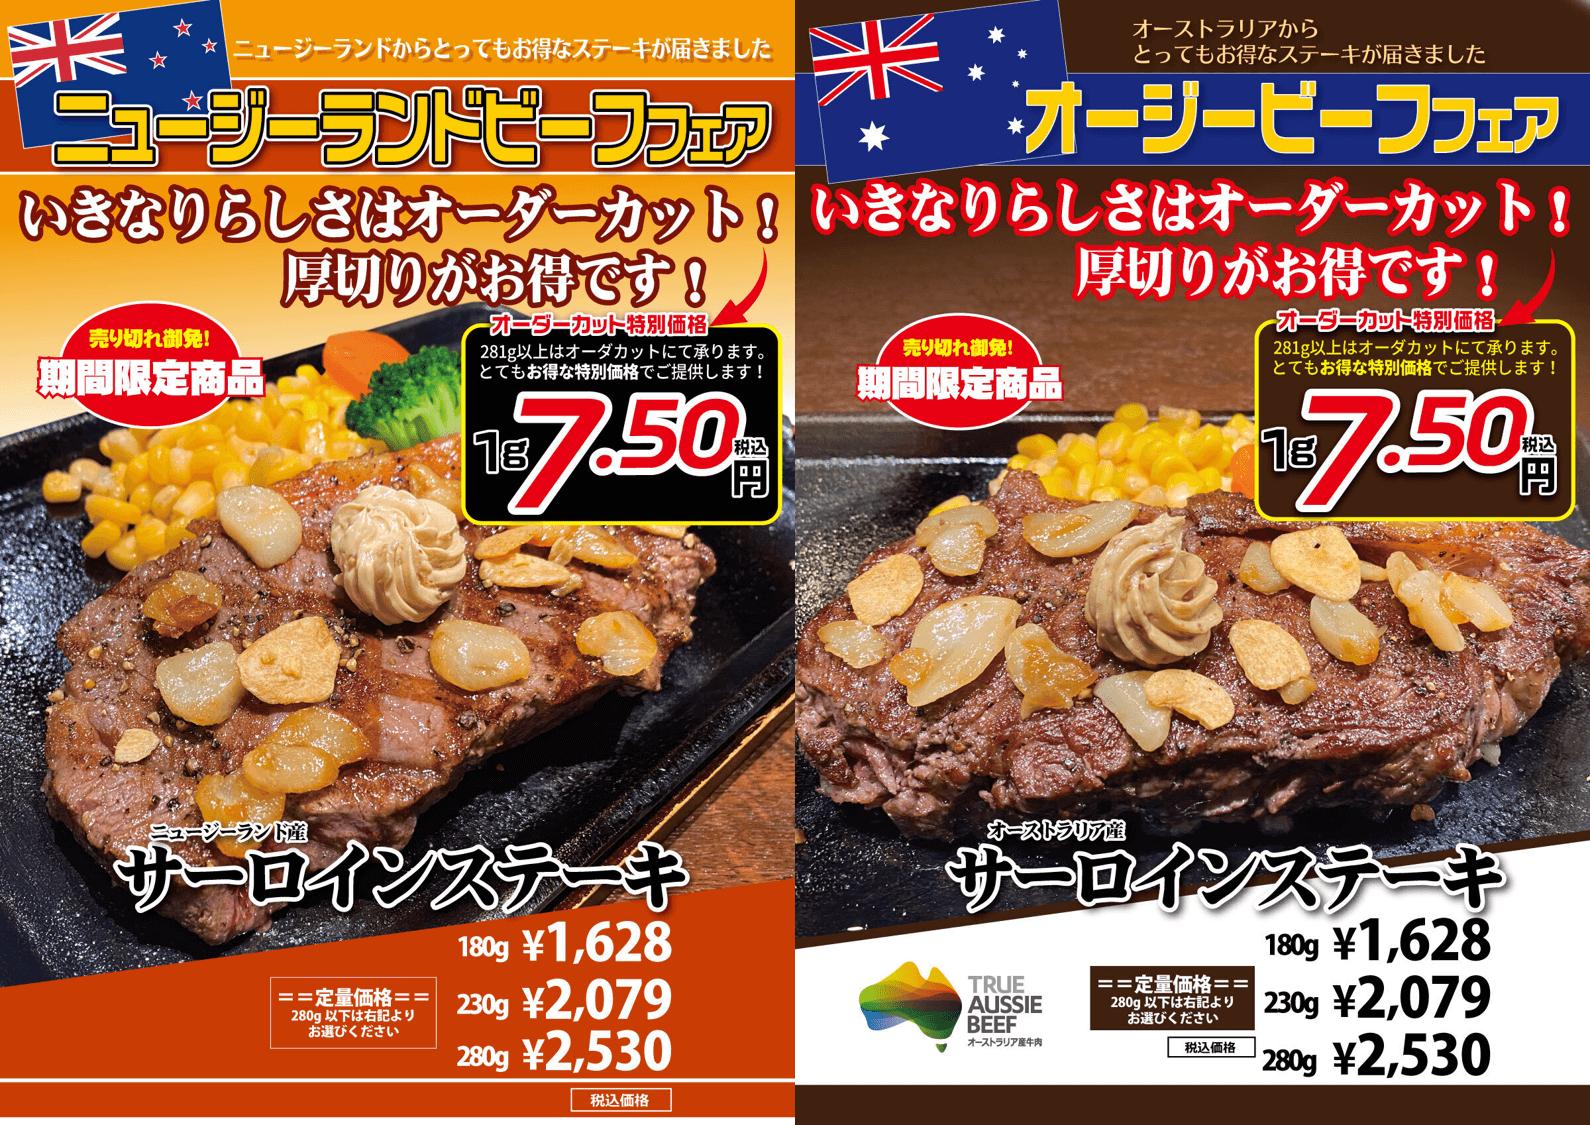 いきなりステーキの『ニュージーランド産・オーストラリア産ステーキキャンペーン』